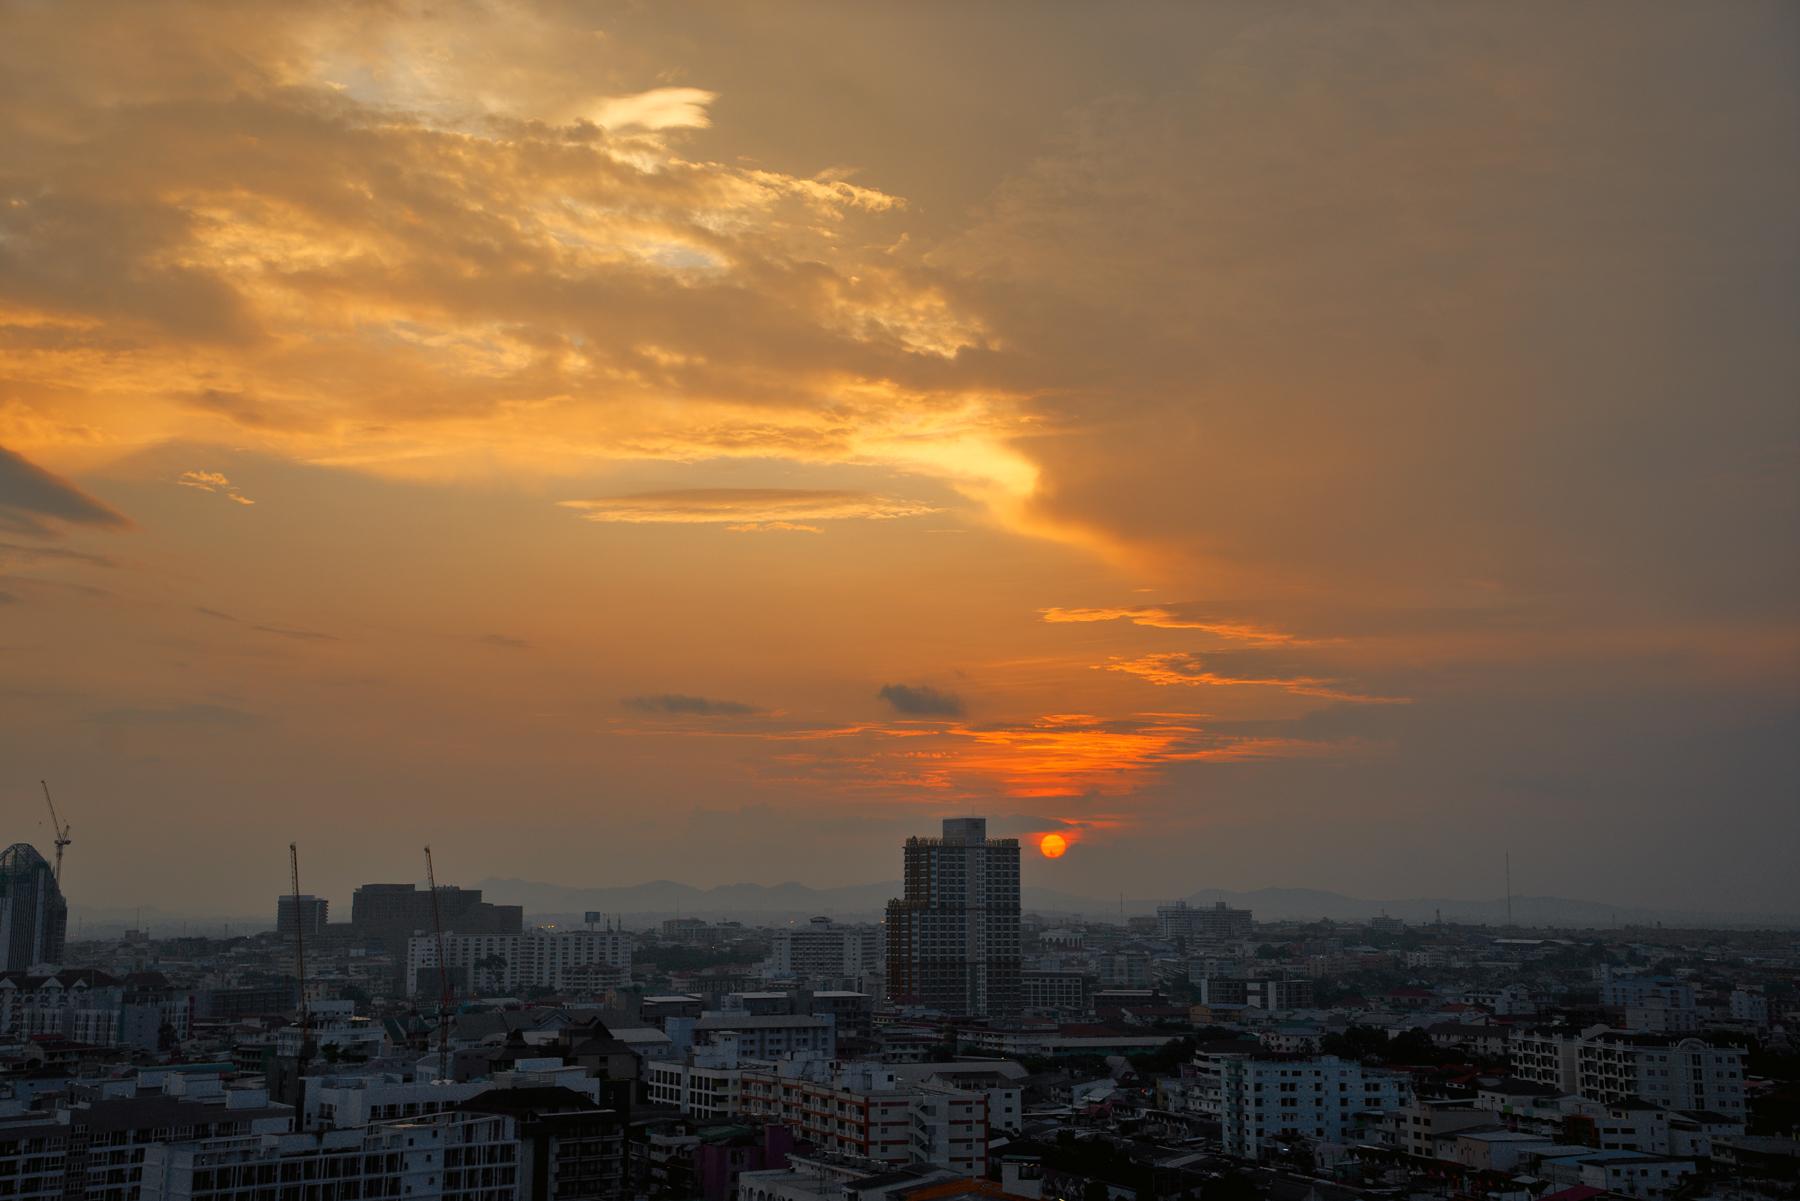 2021_04_Pattaya_44_ji_Kl.jpg